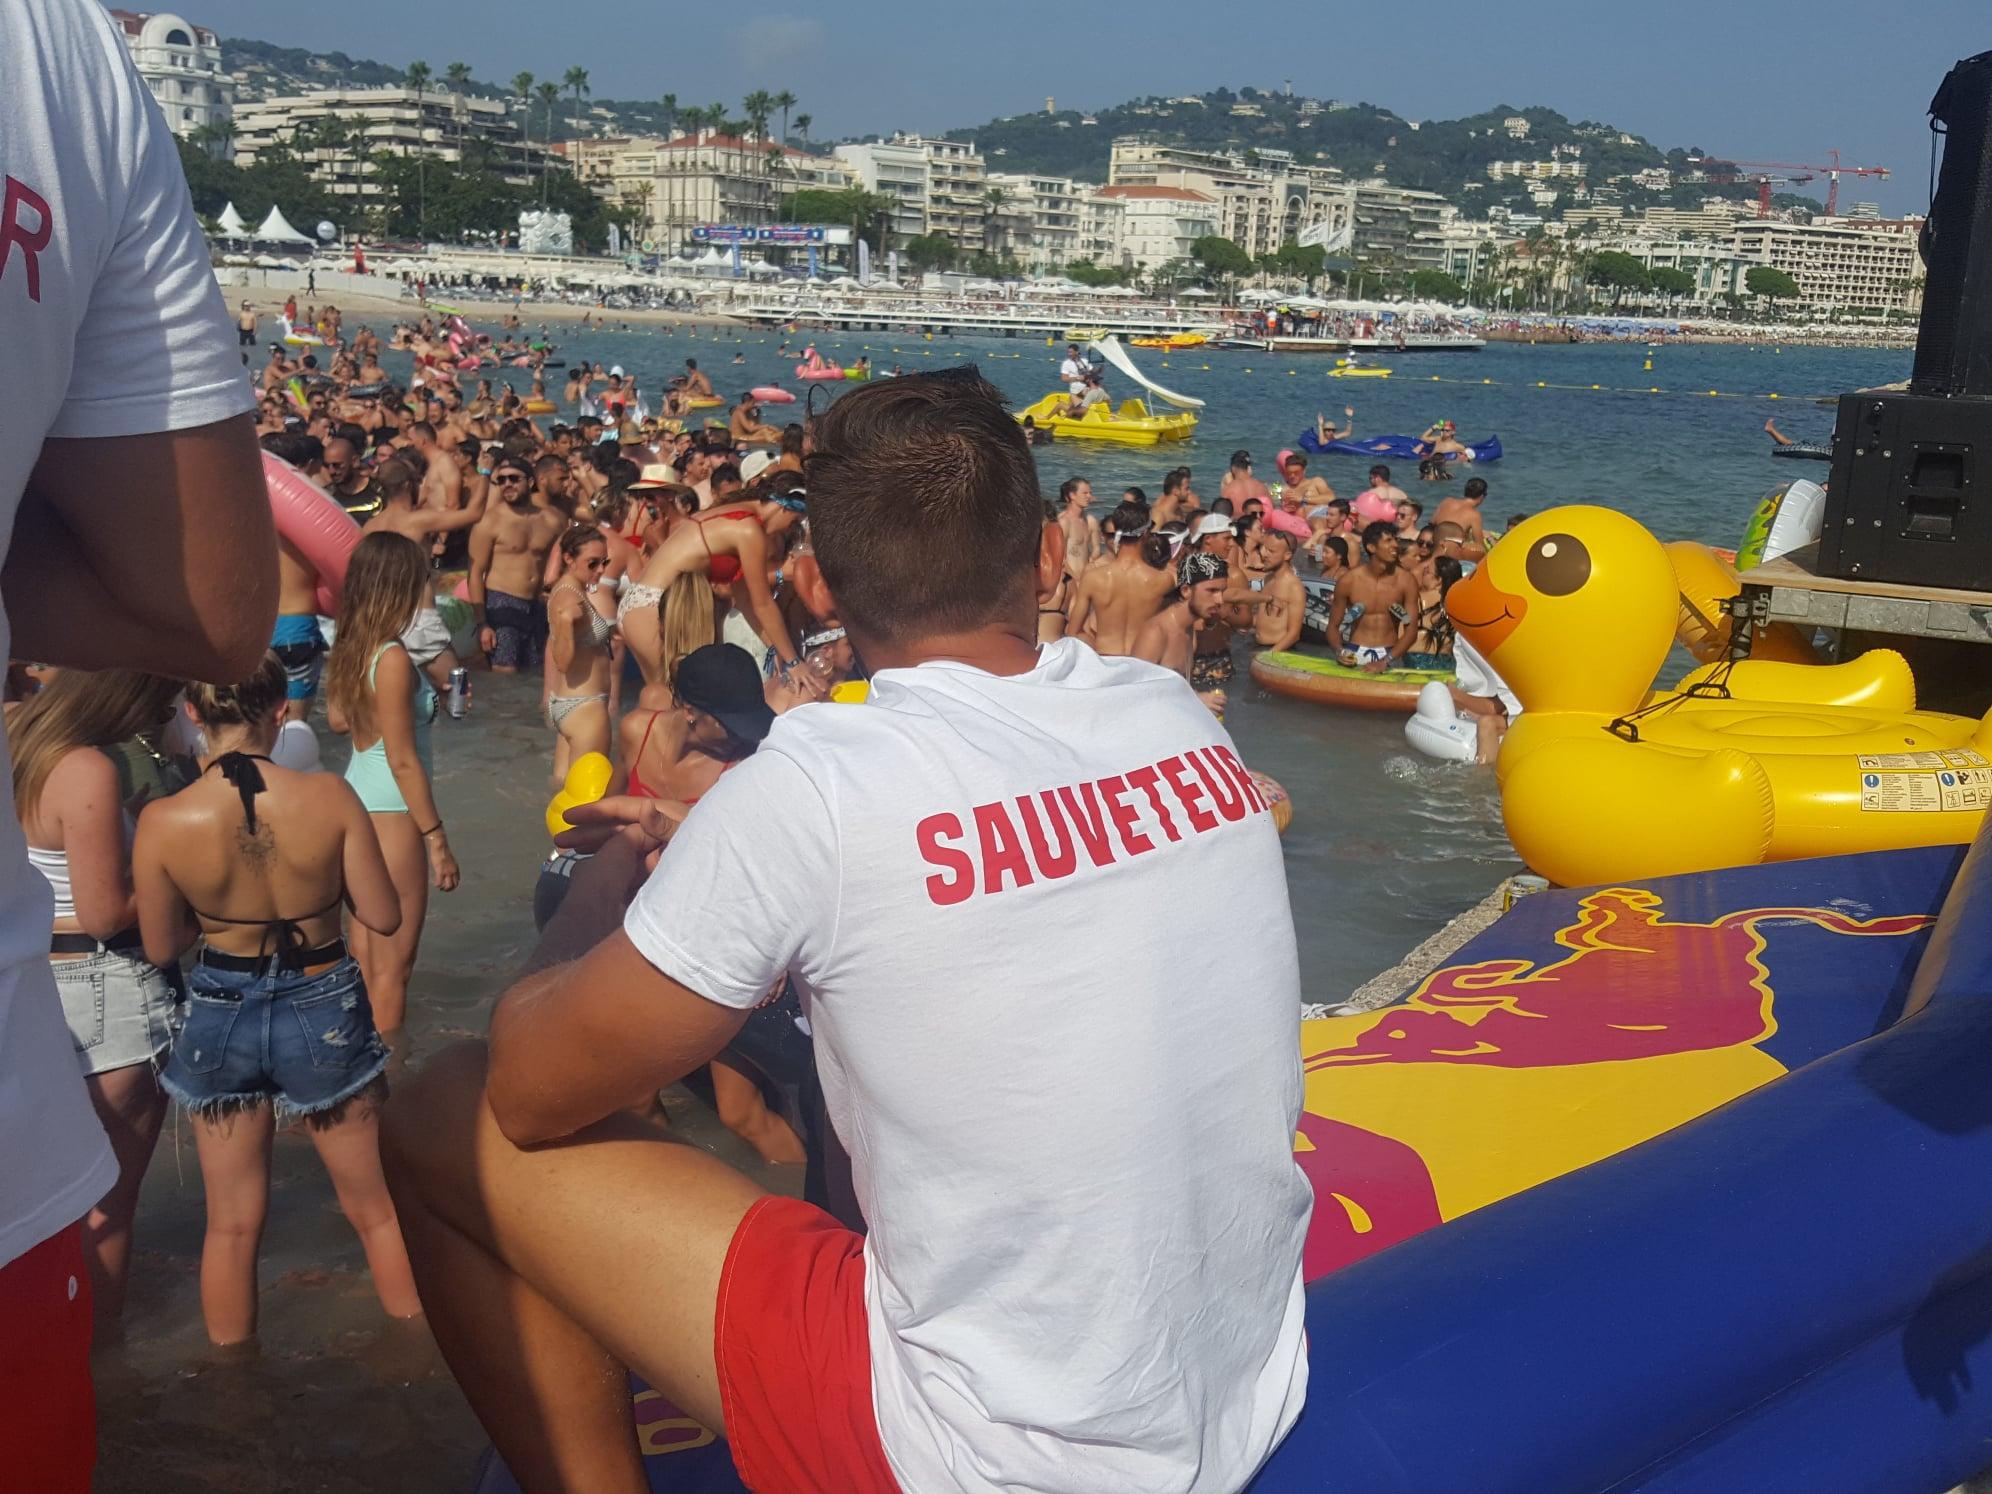 Les Plages électroniques - Cannes - 11 août 2019 - Lifeguard sauveteur